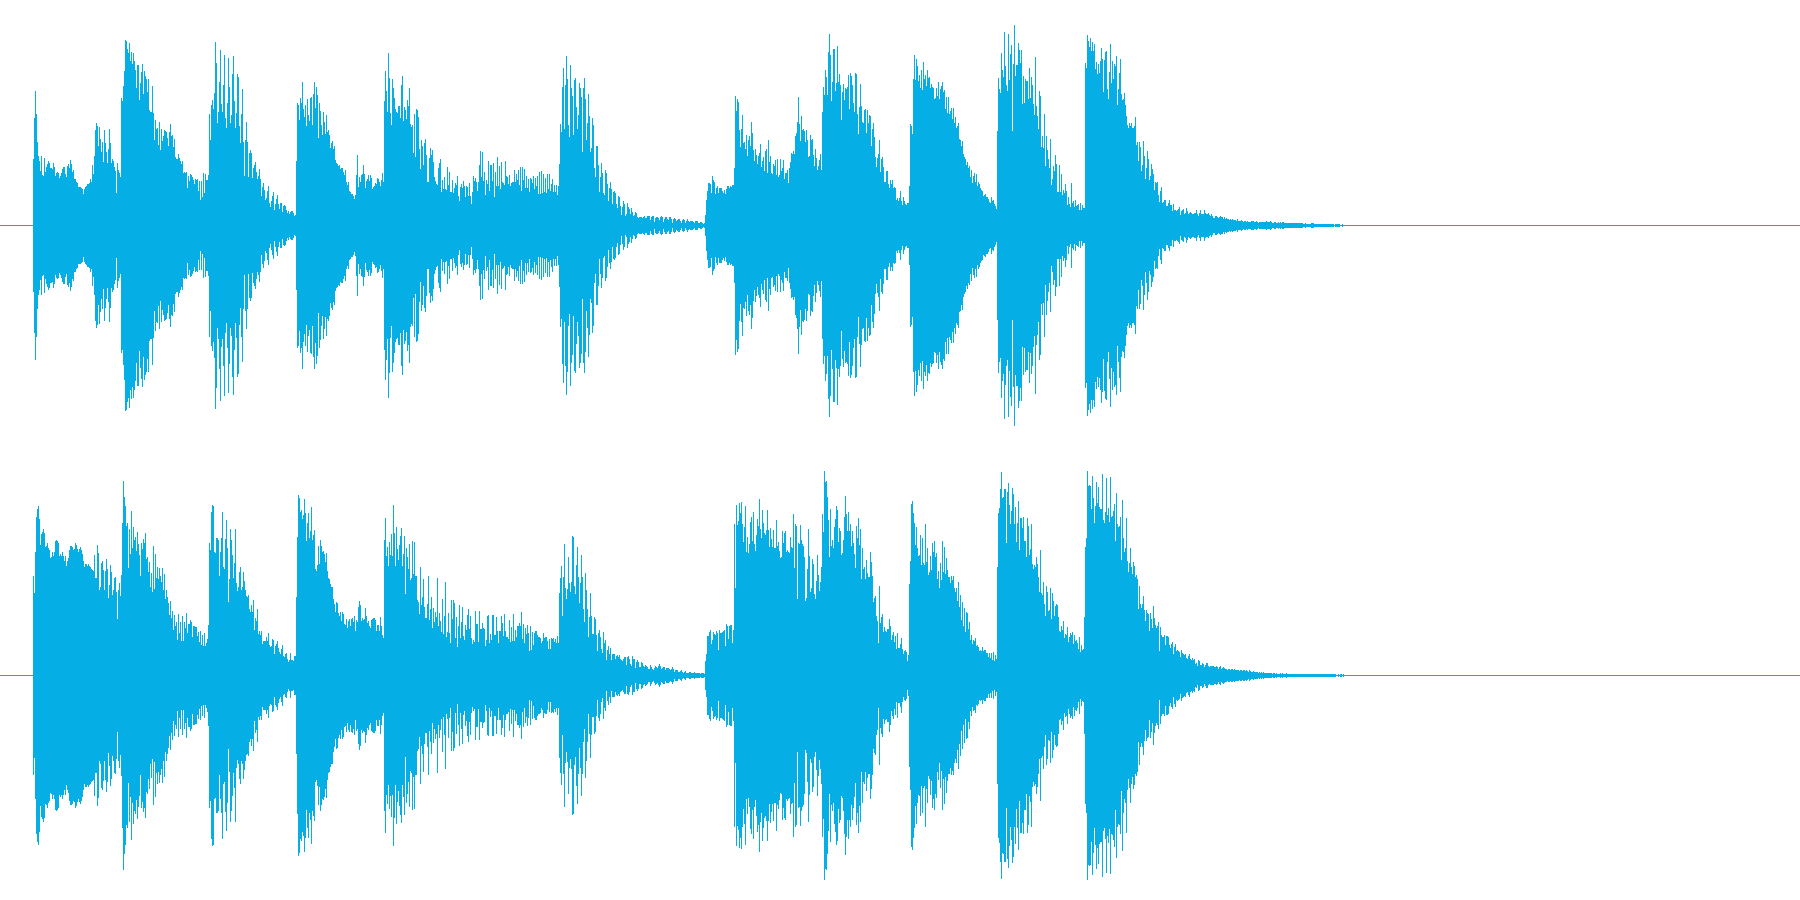 明るい気持ちになるピアノソロのジングル!の再生済みの波形